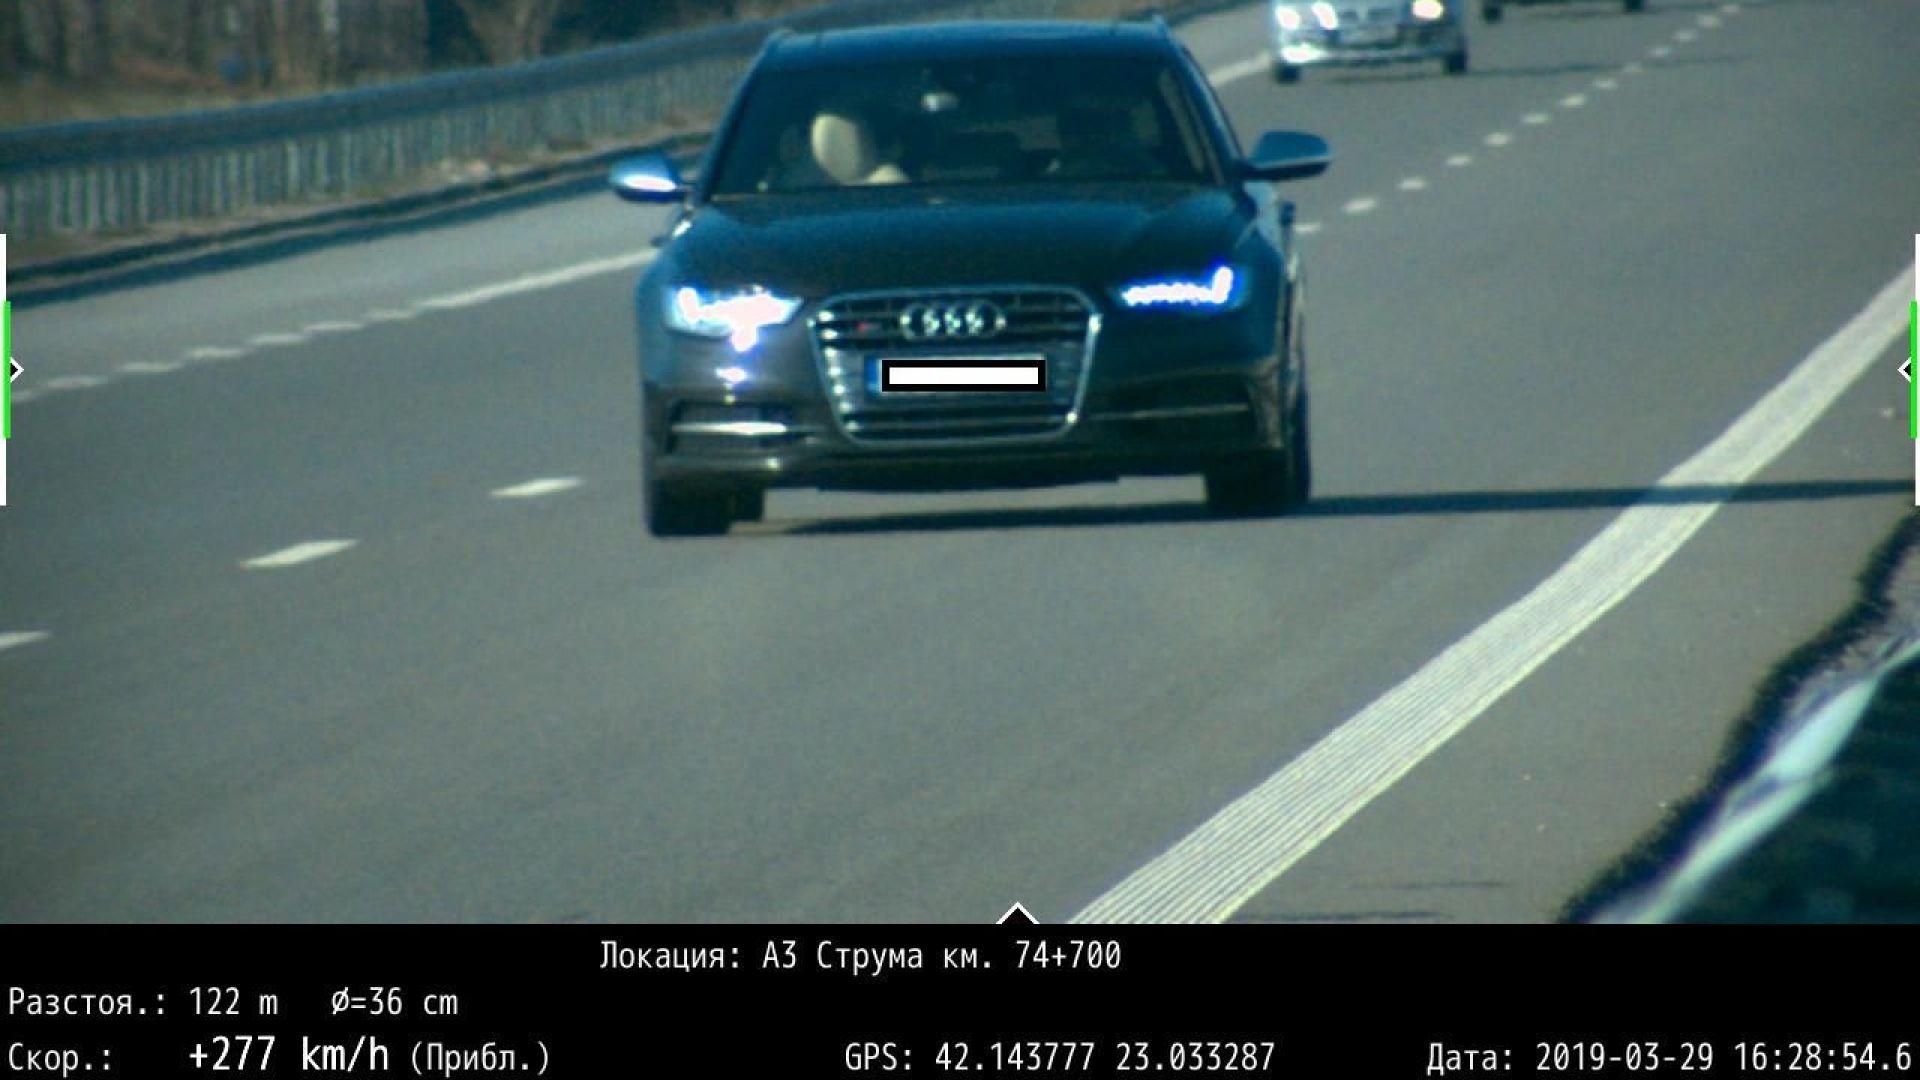 Снимка: МВР показа колата, която летя с 277 км/ч по магистрала Струма